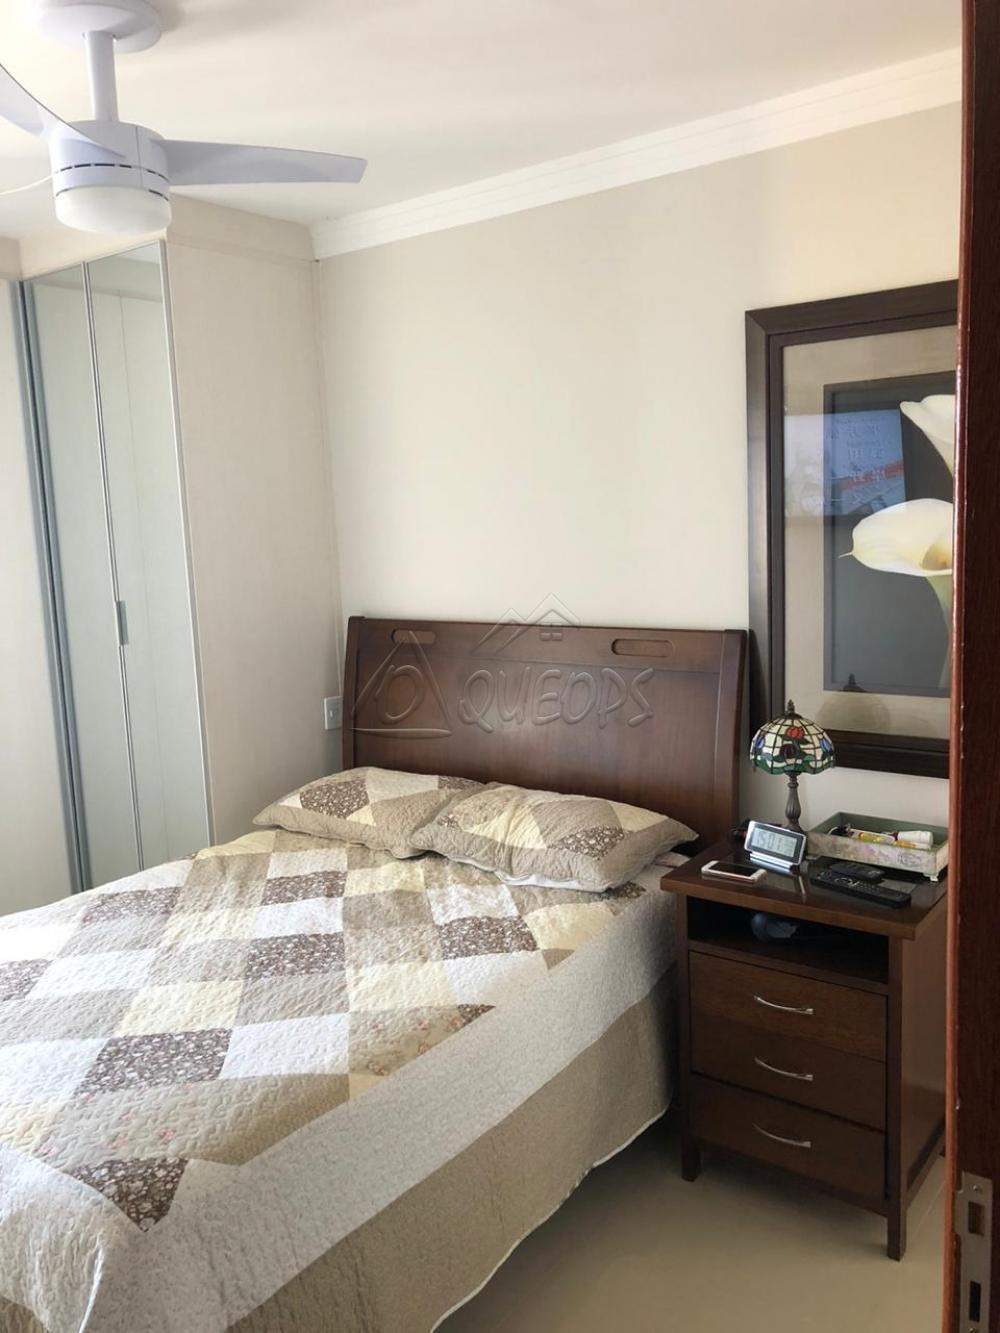 Comprar Apartamento / Padrão em Barretos apenas R$ 700.000,00 - Foto 15